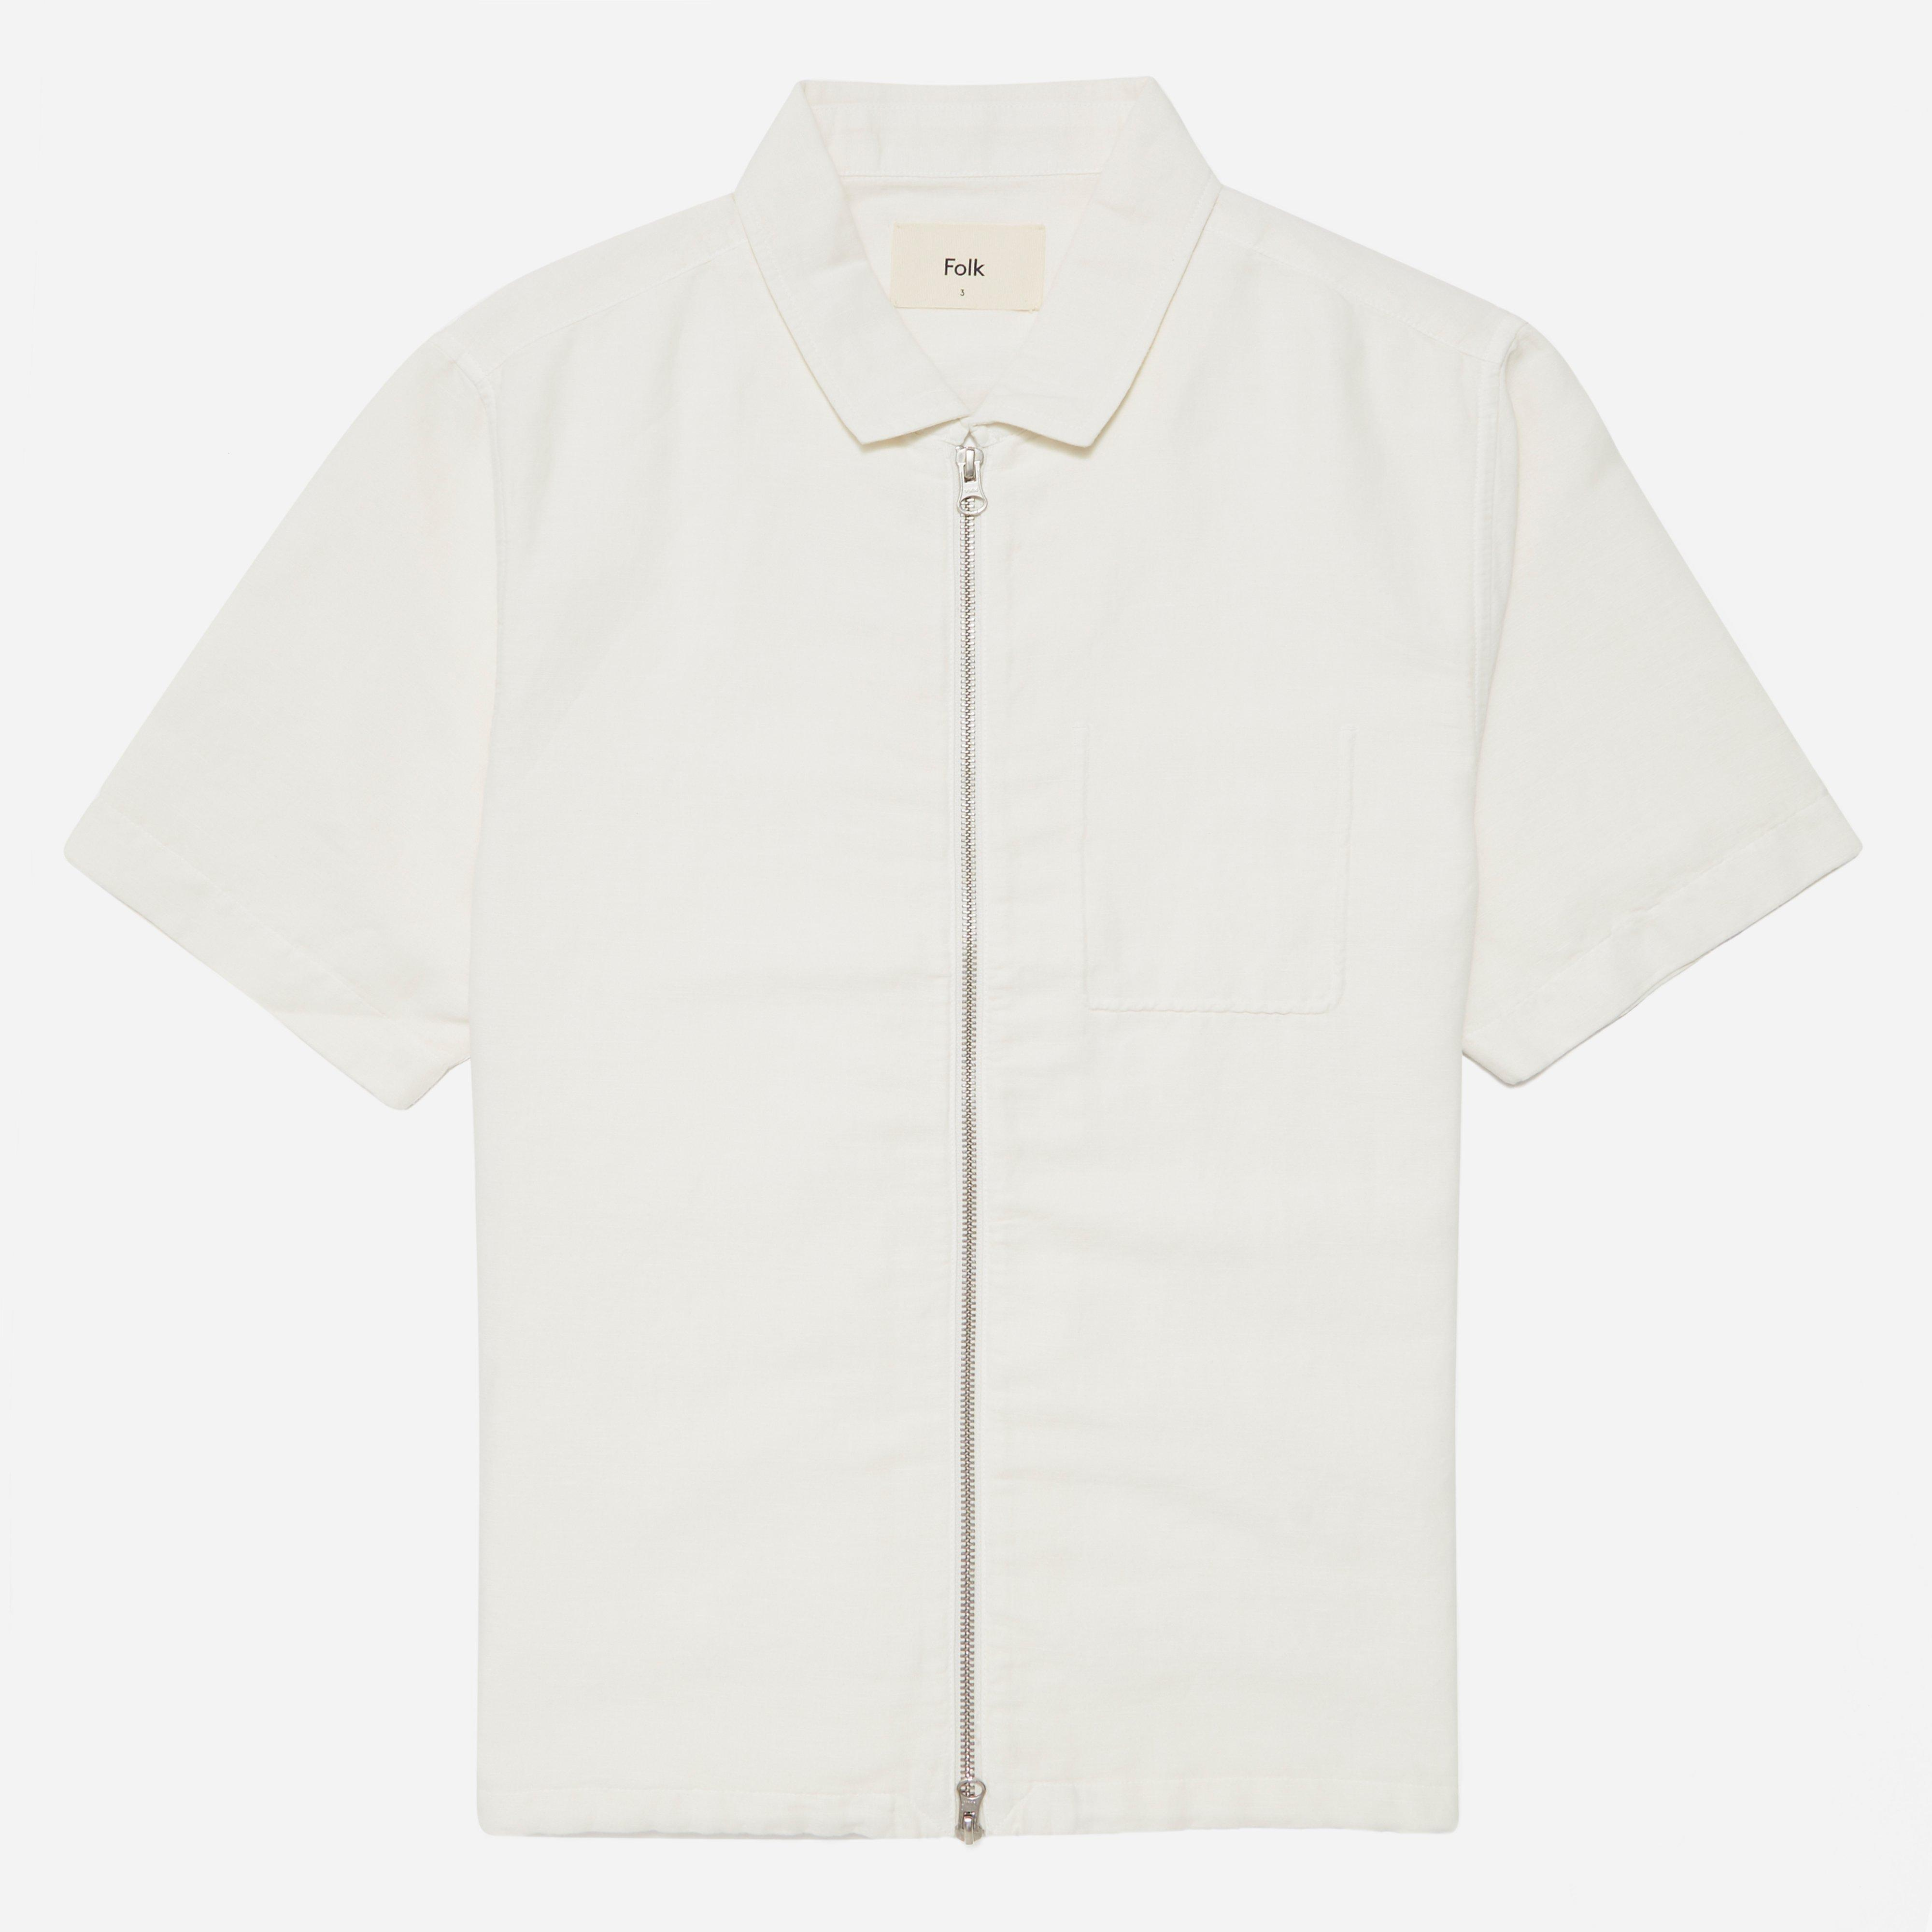 Folk Linen Zip Shirt